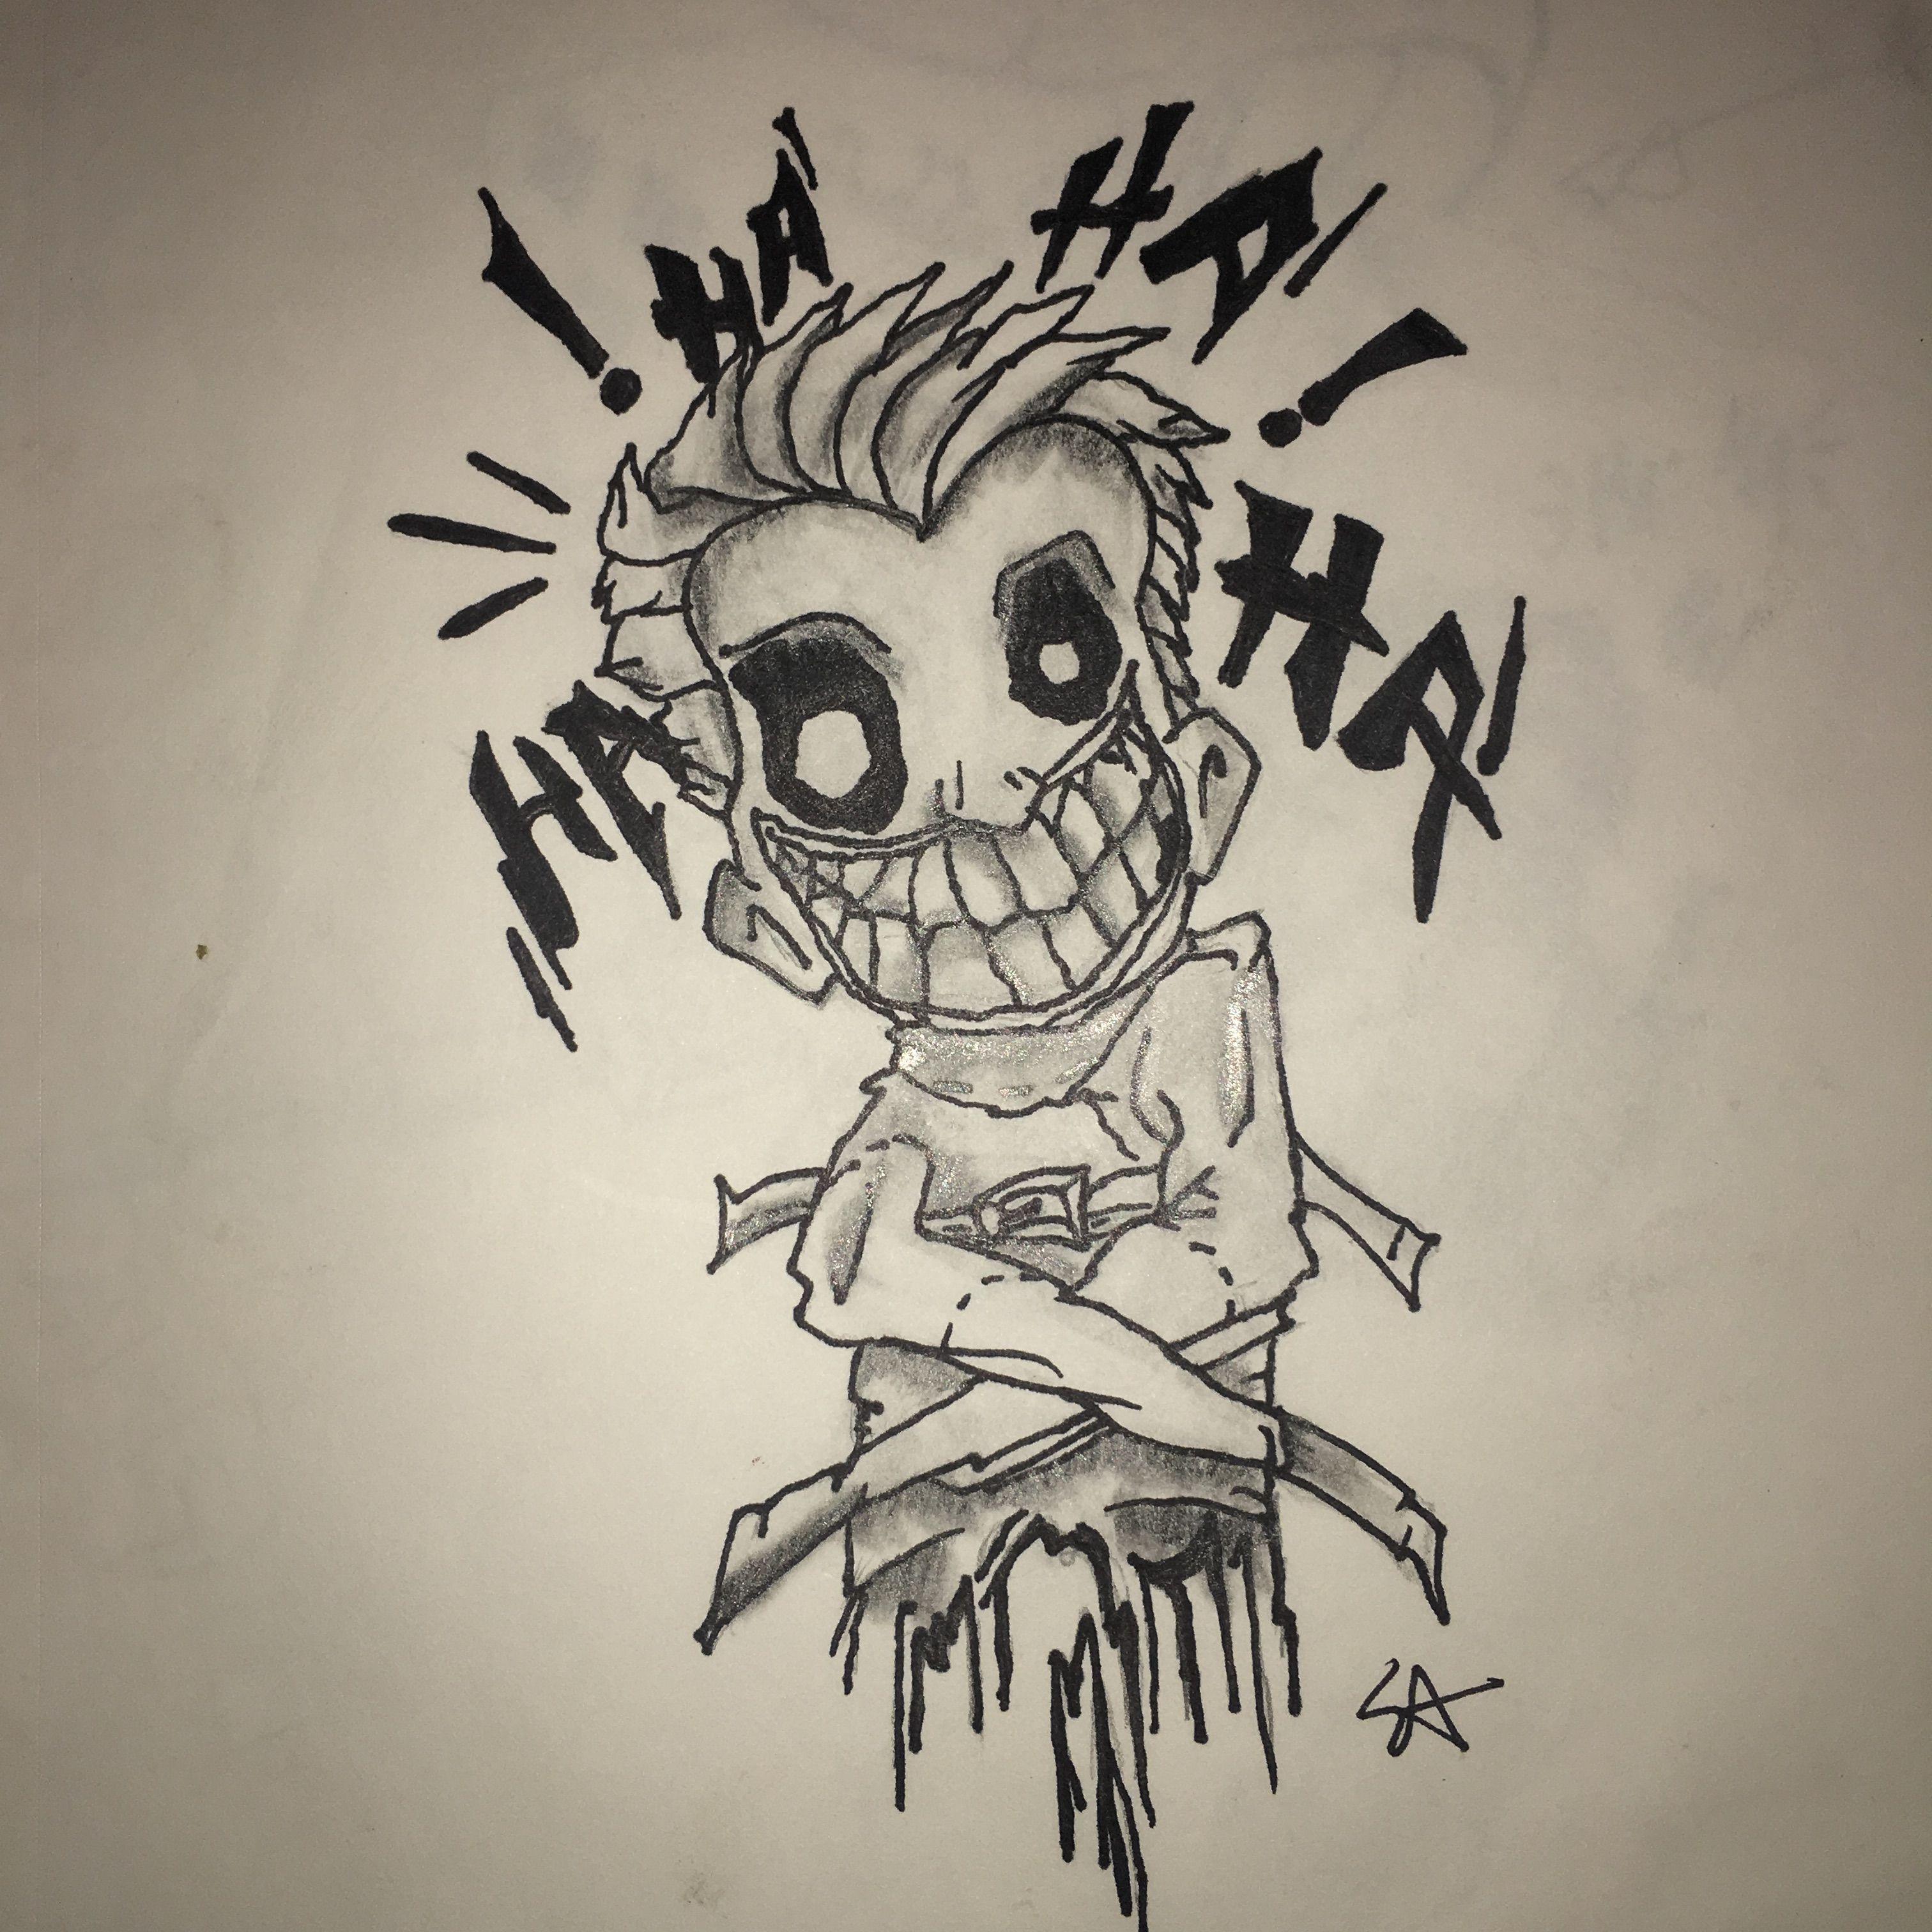 Drawing Tattoo Joker Ideas To Draw In 2019 Drawings Tattoo